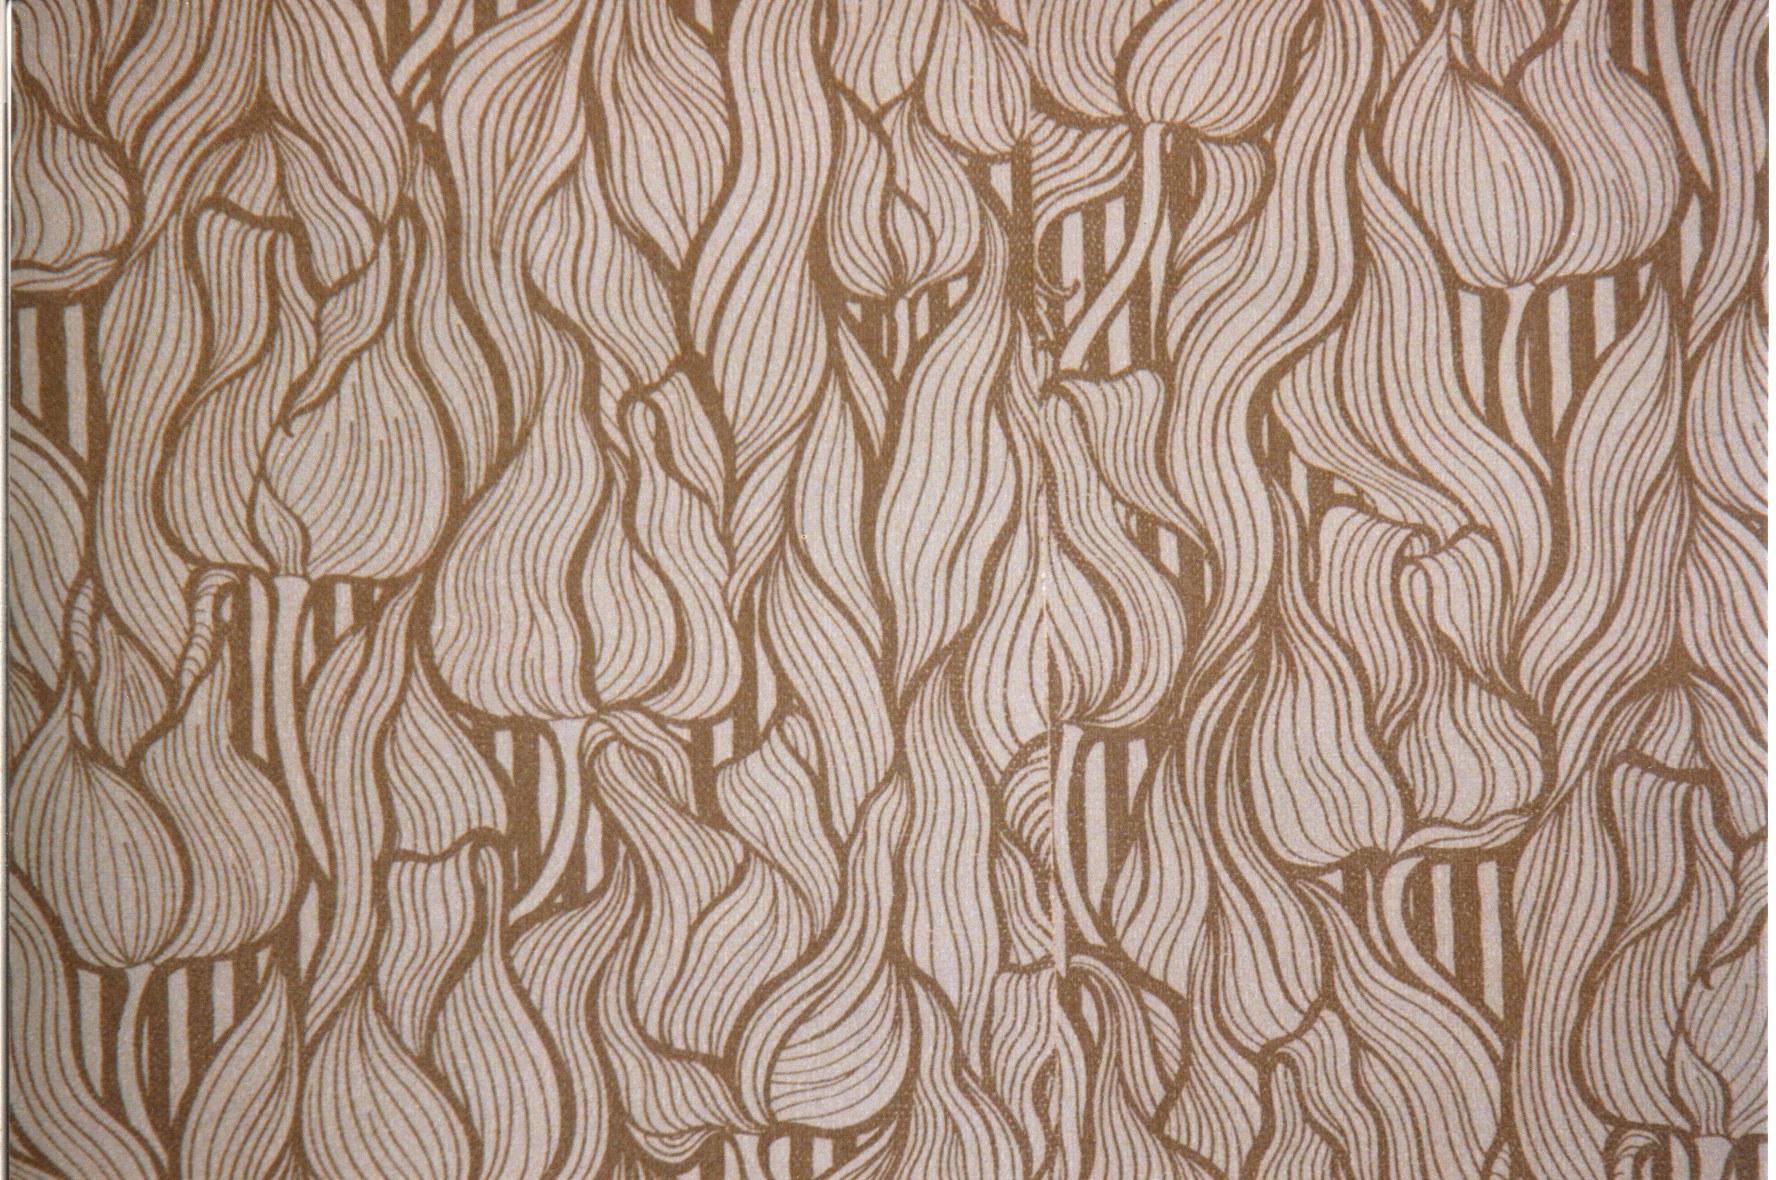 texture wallpaper for walls 2015   Grasscloth Wallpaper 1776x1180